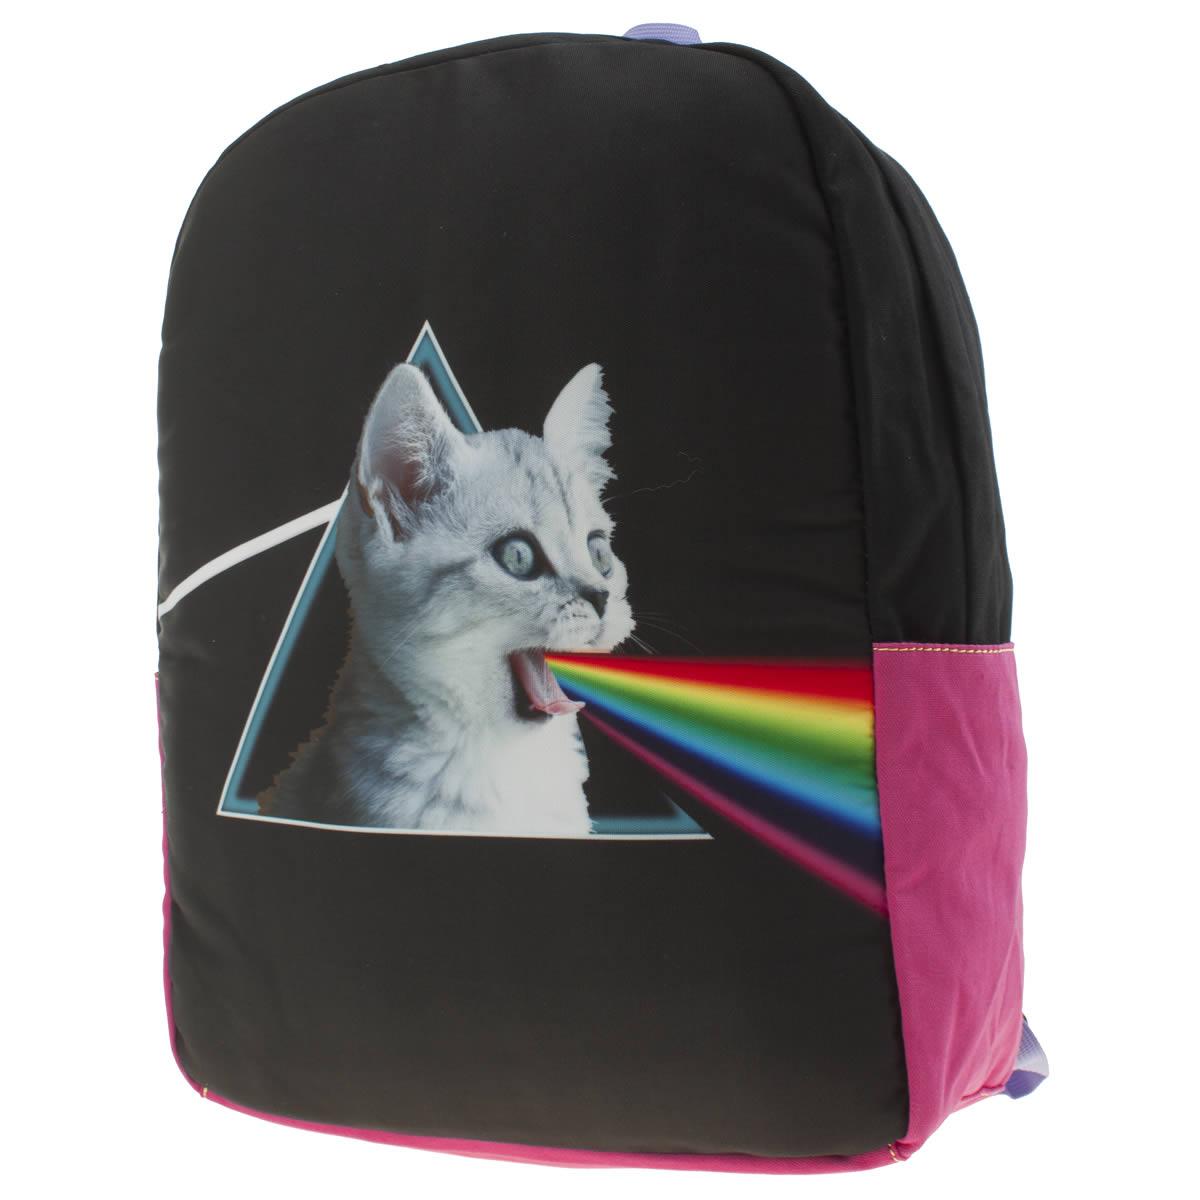 tigerbear republik Tigerbear Republik Black & Pink Screaming Kitty Bags